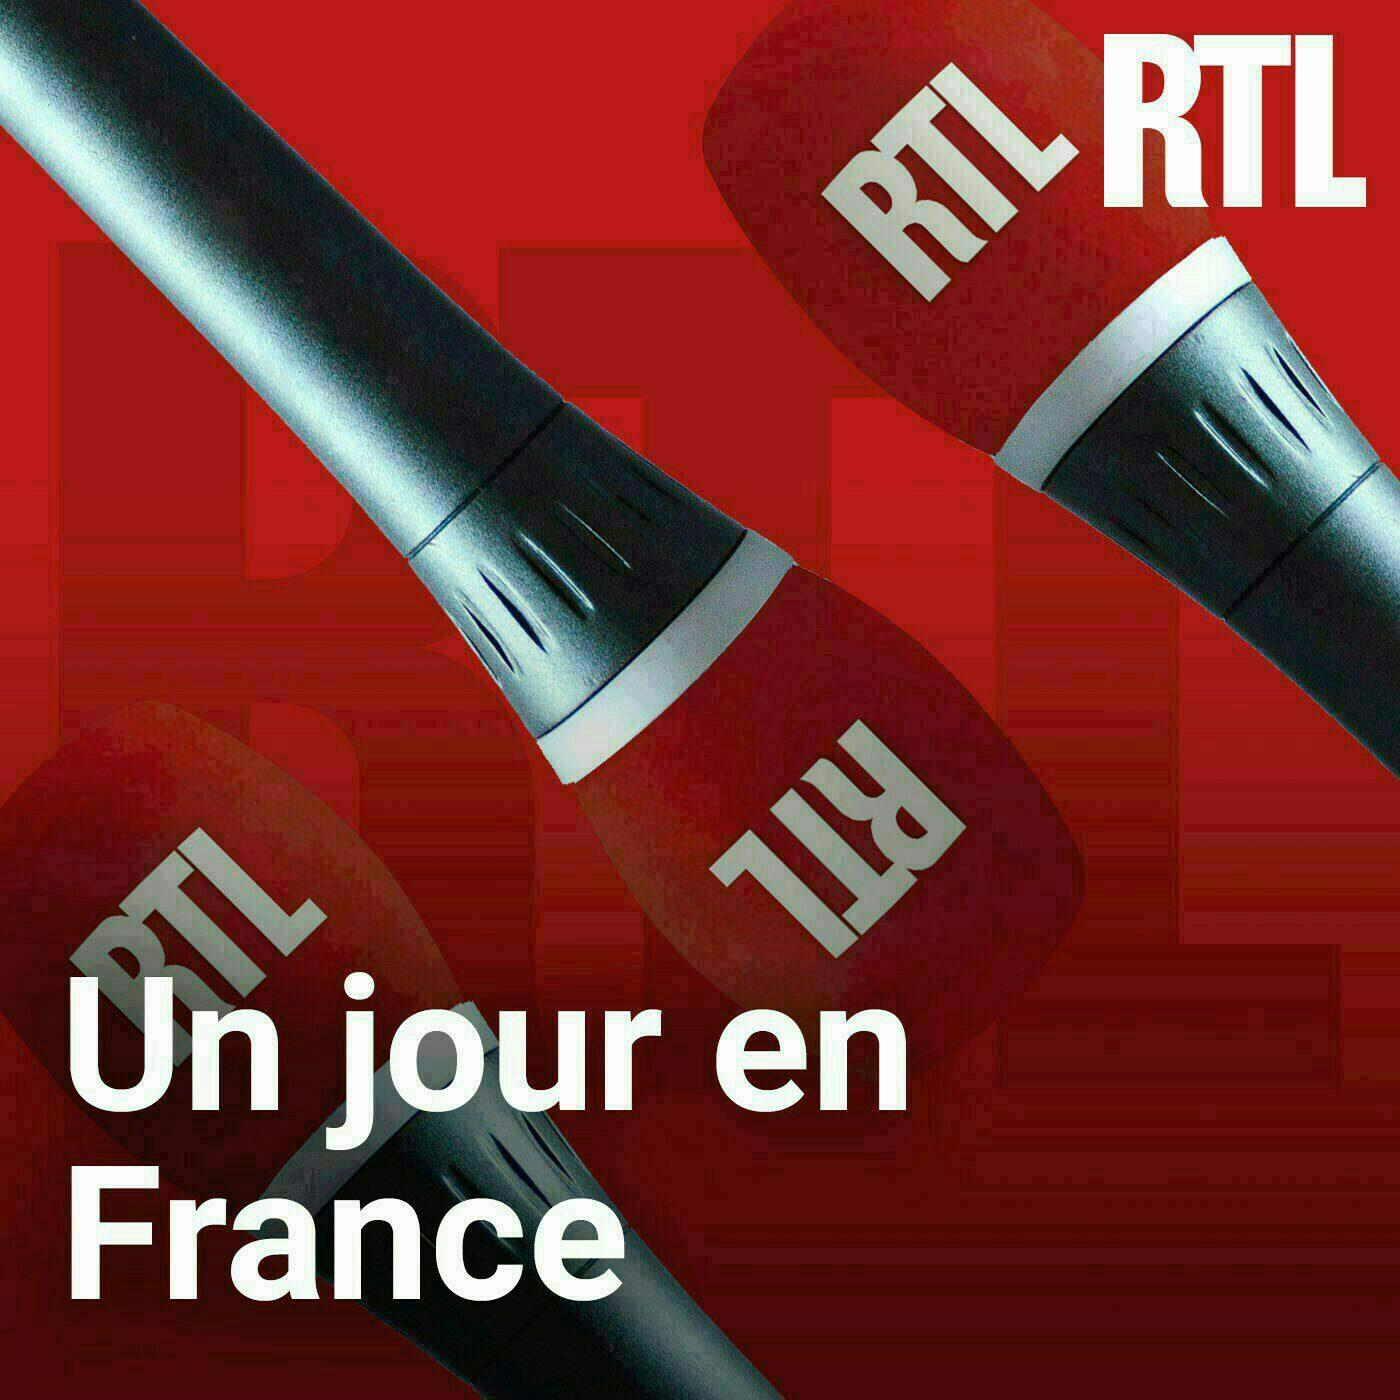 Image 1: Un jour en France